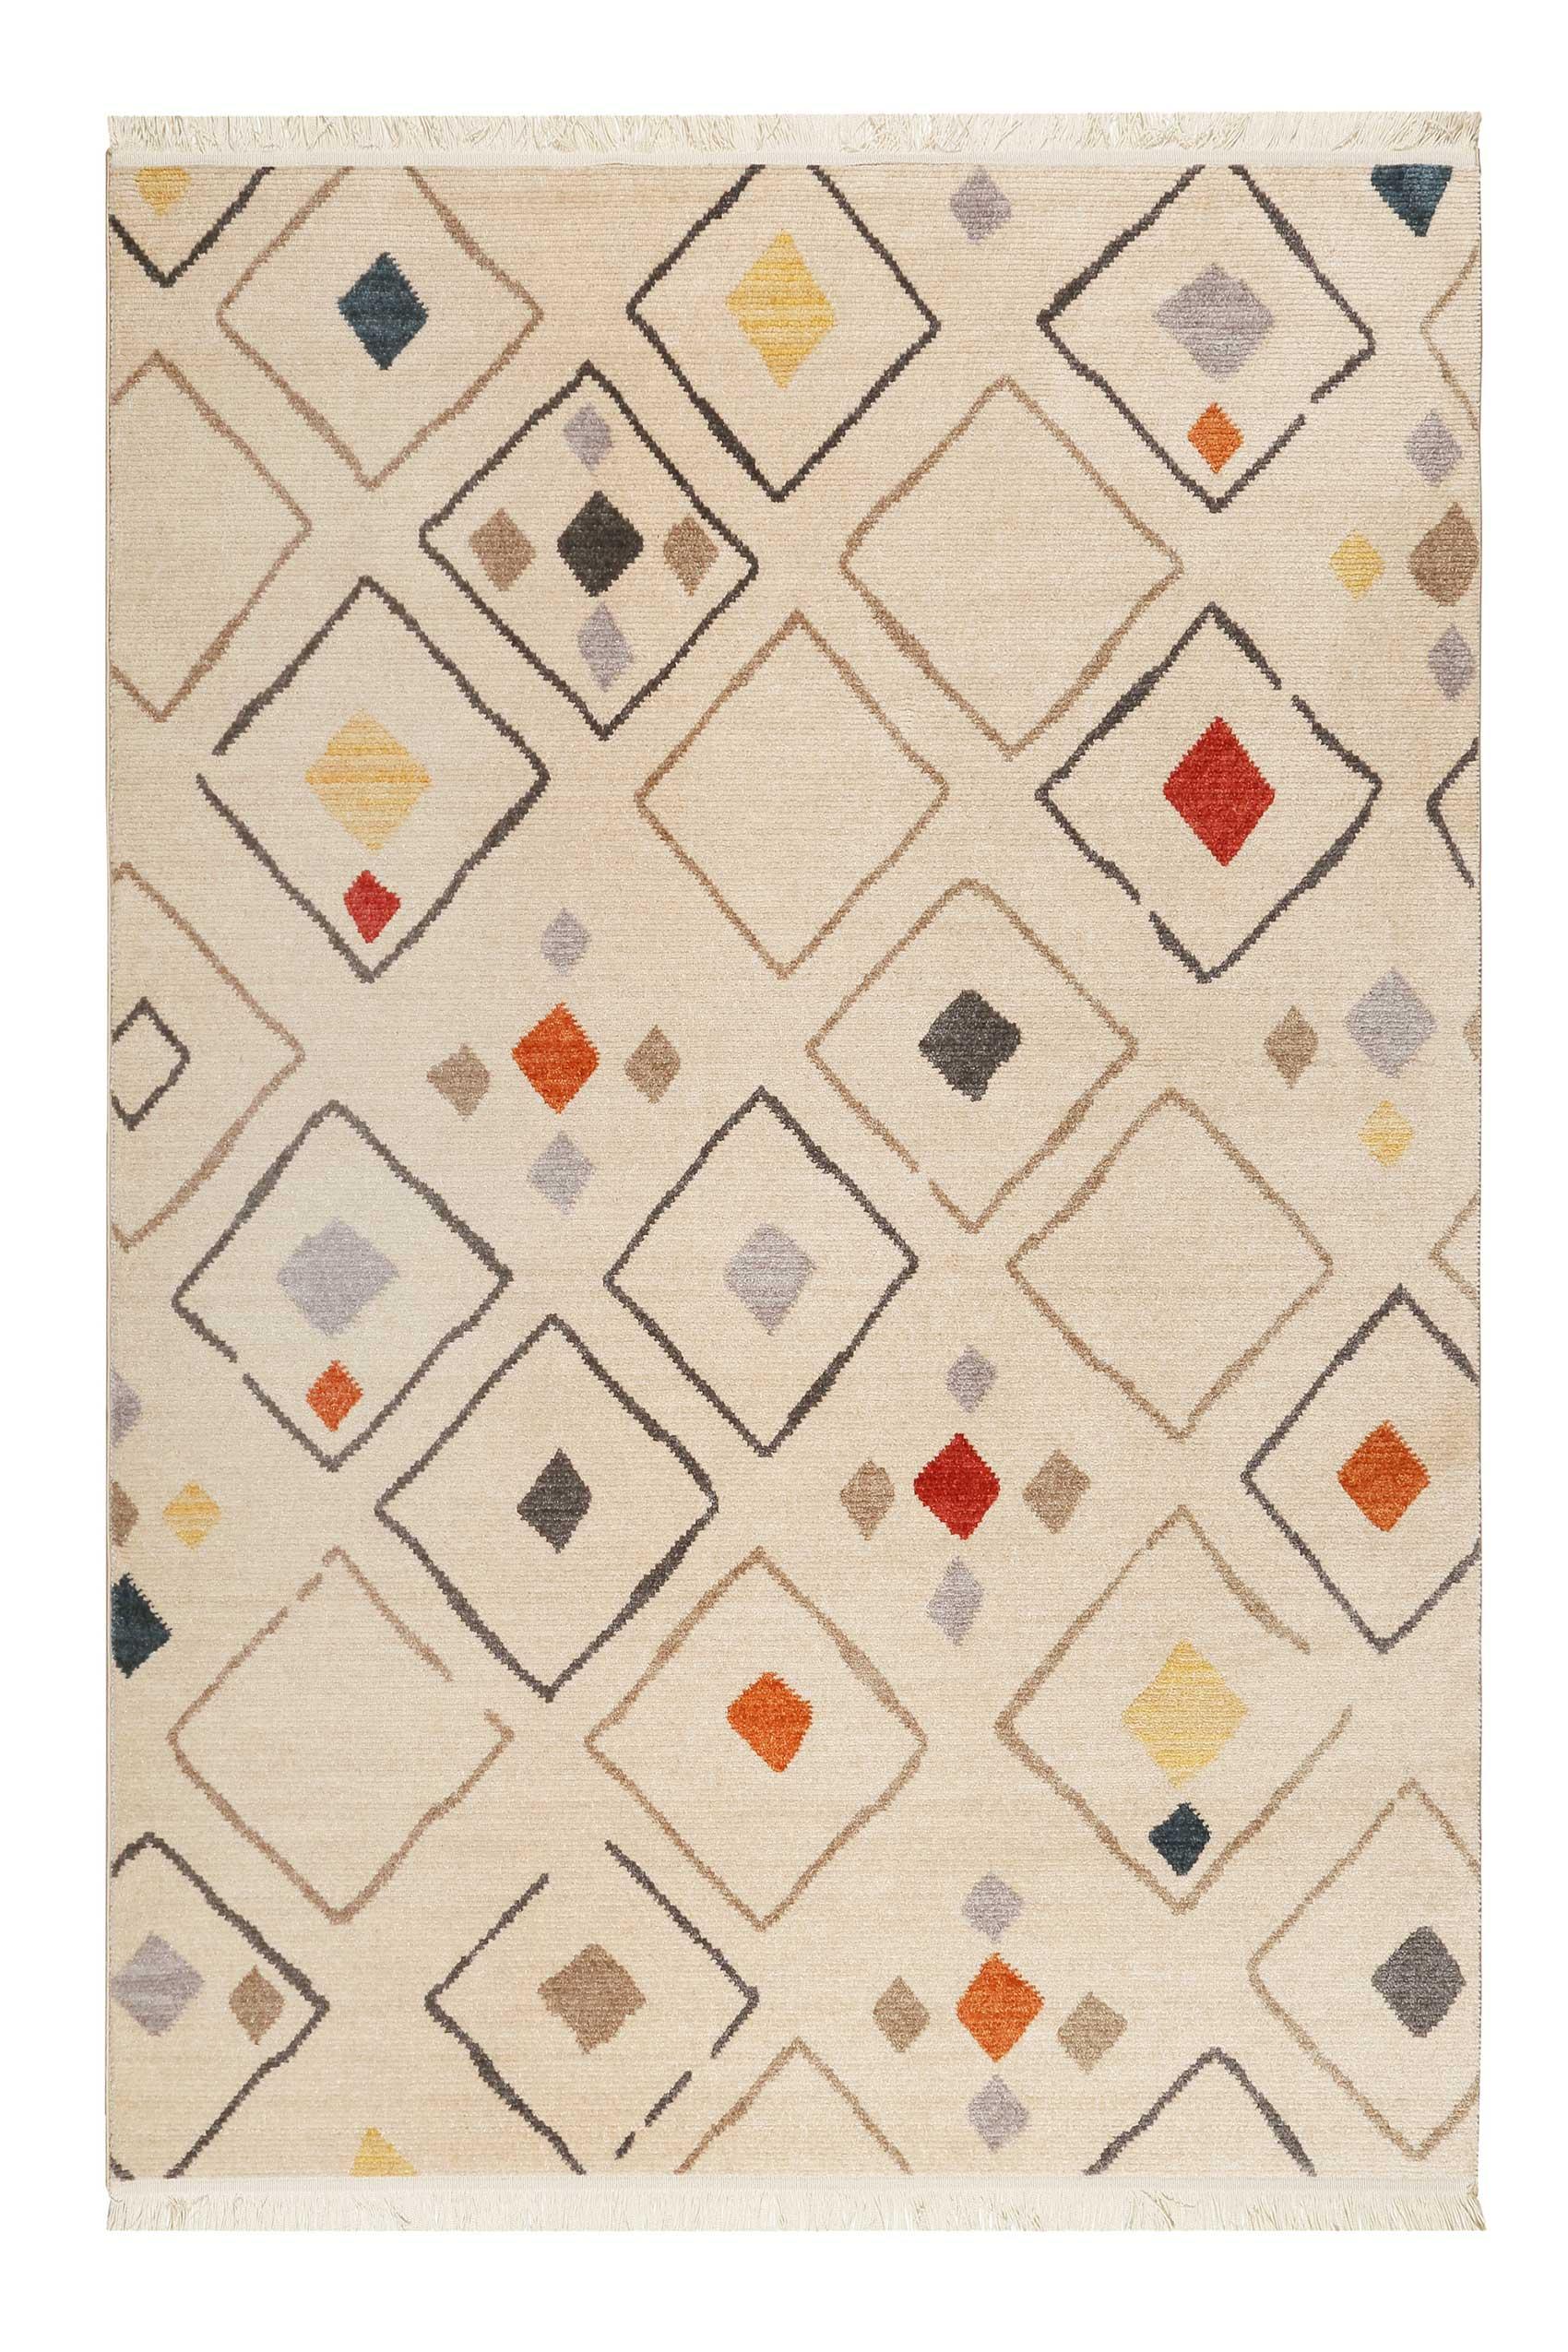 Tapis tissé ethnique chic à franges multicolore sur fond beige 133x200